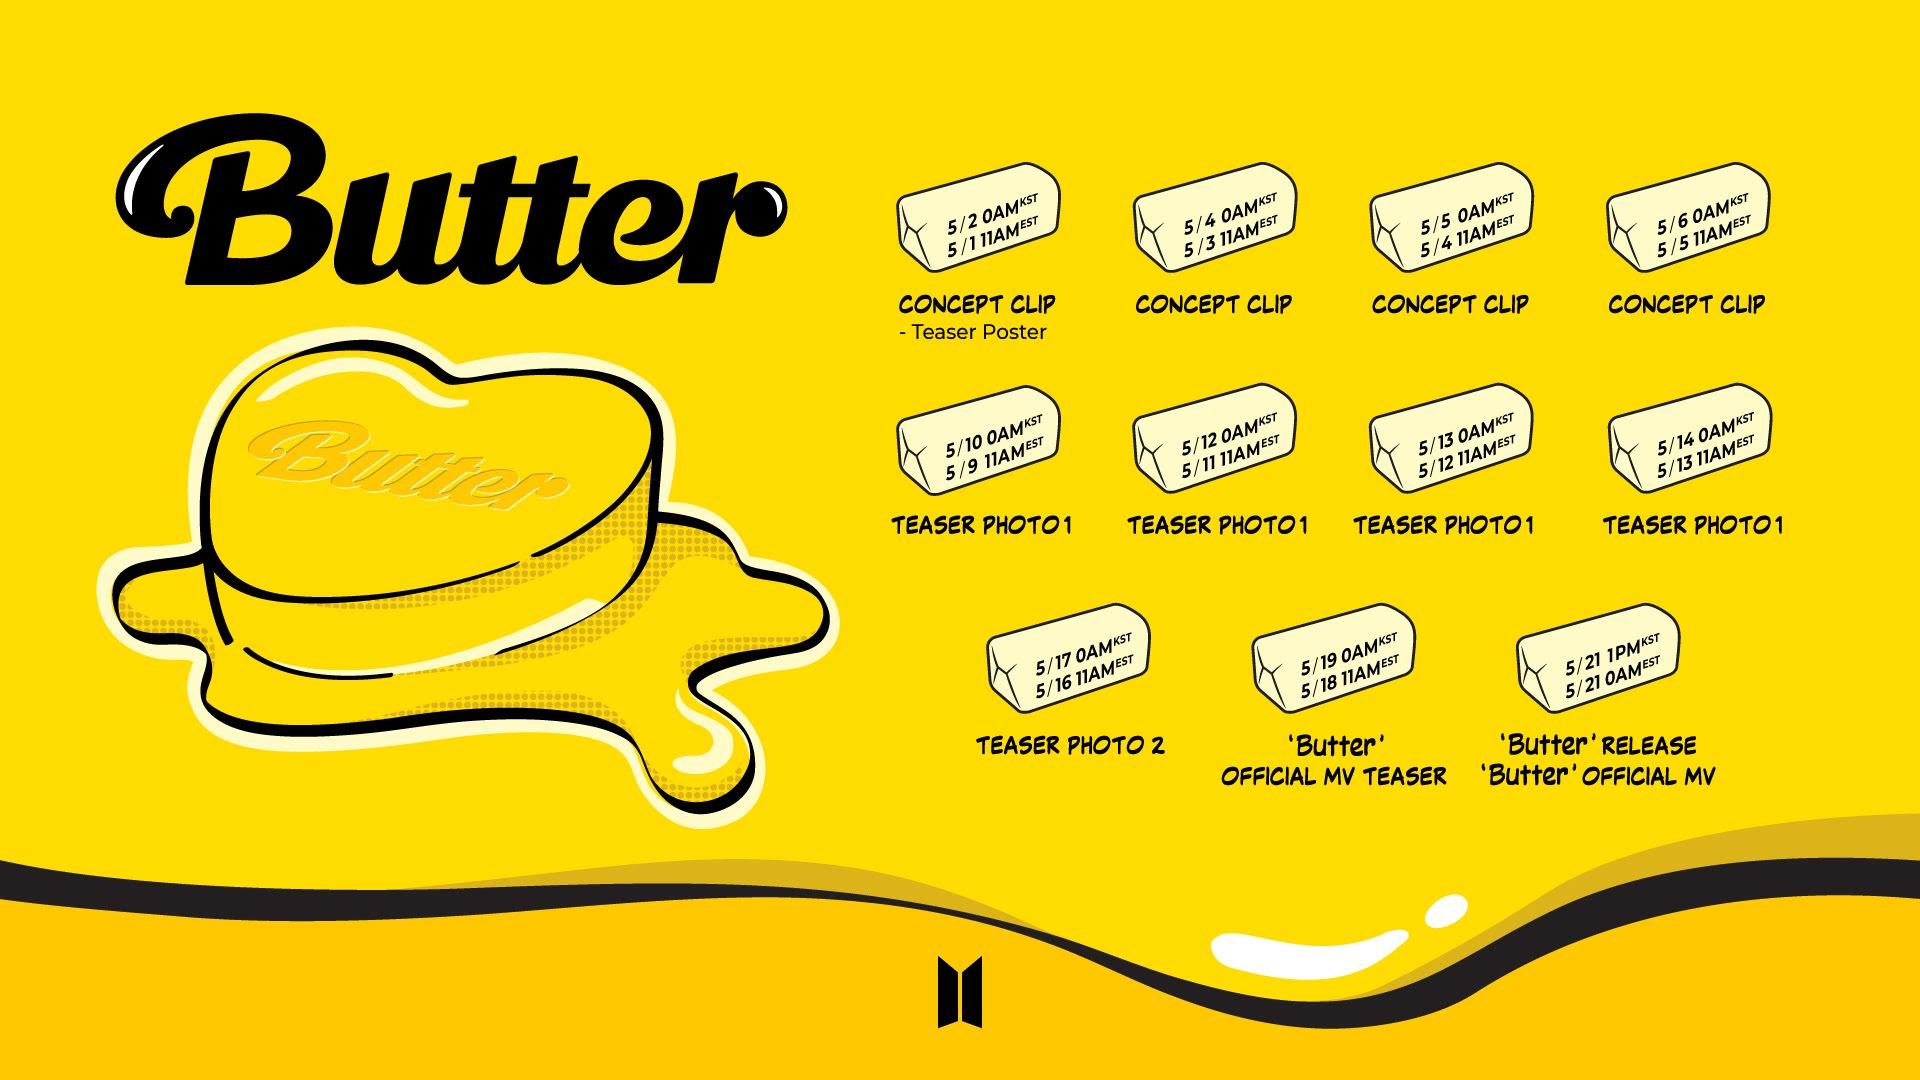 butter schedule